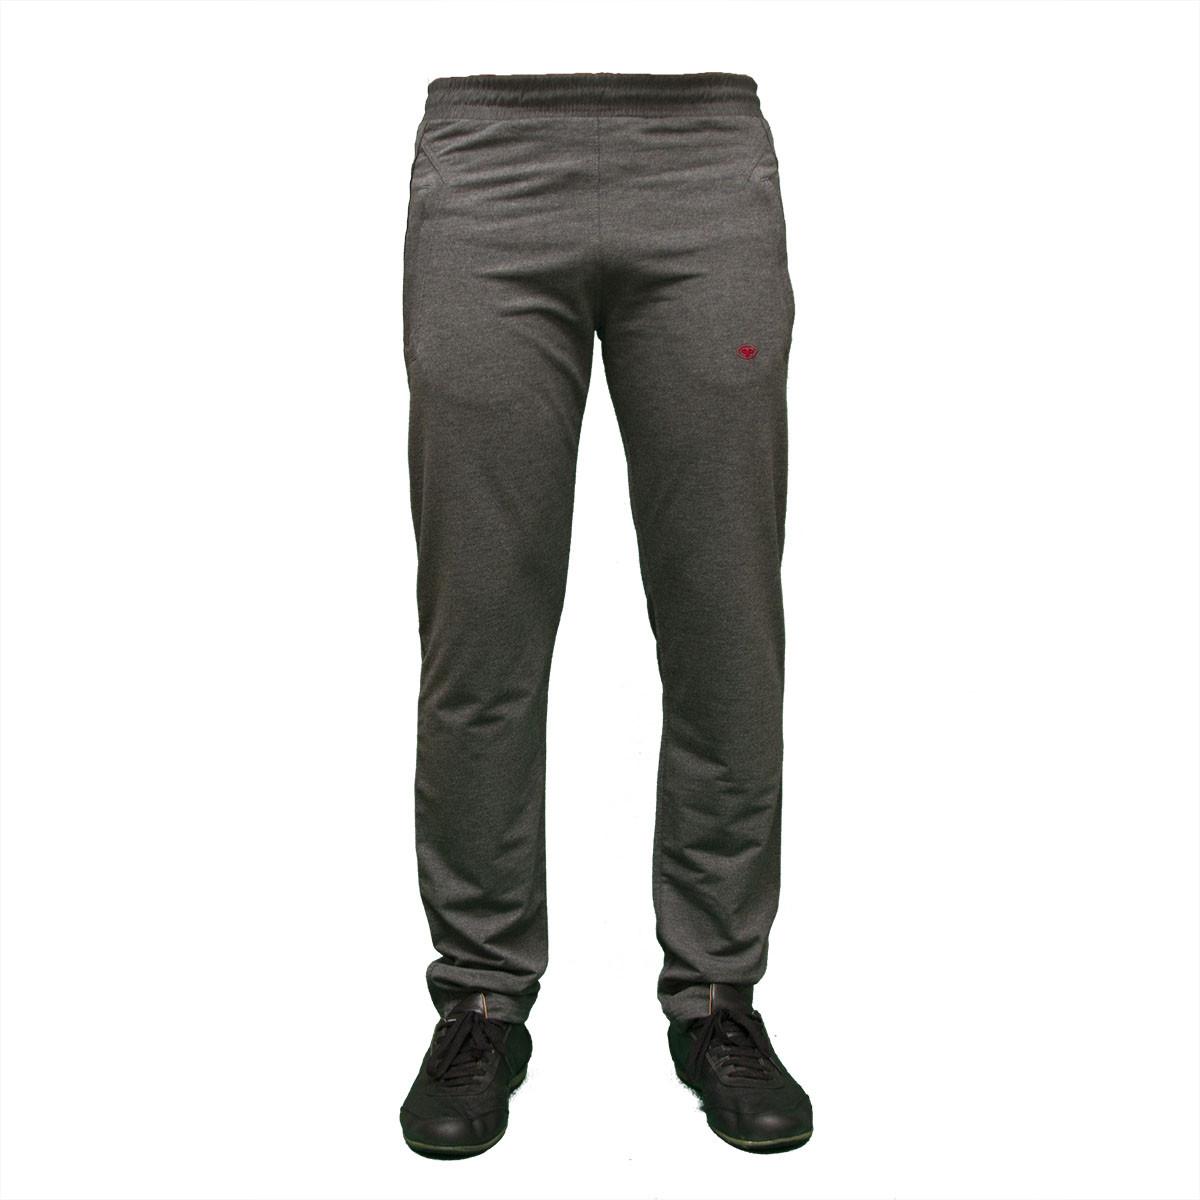 42bc583692aa Молодежные мужские зауженные спортивные штаны тм. PIYERA 126